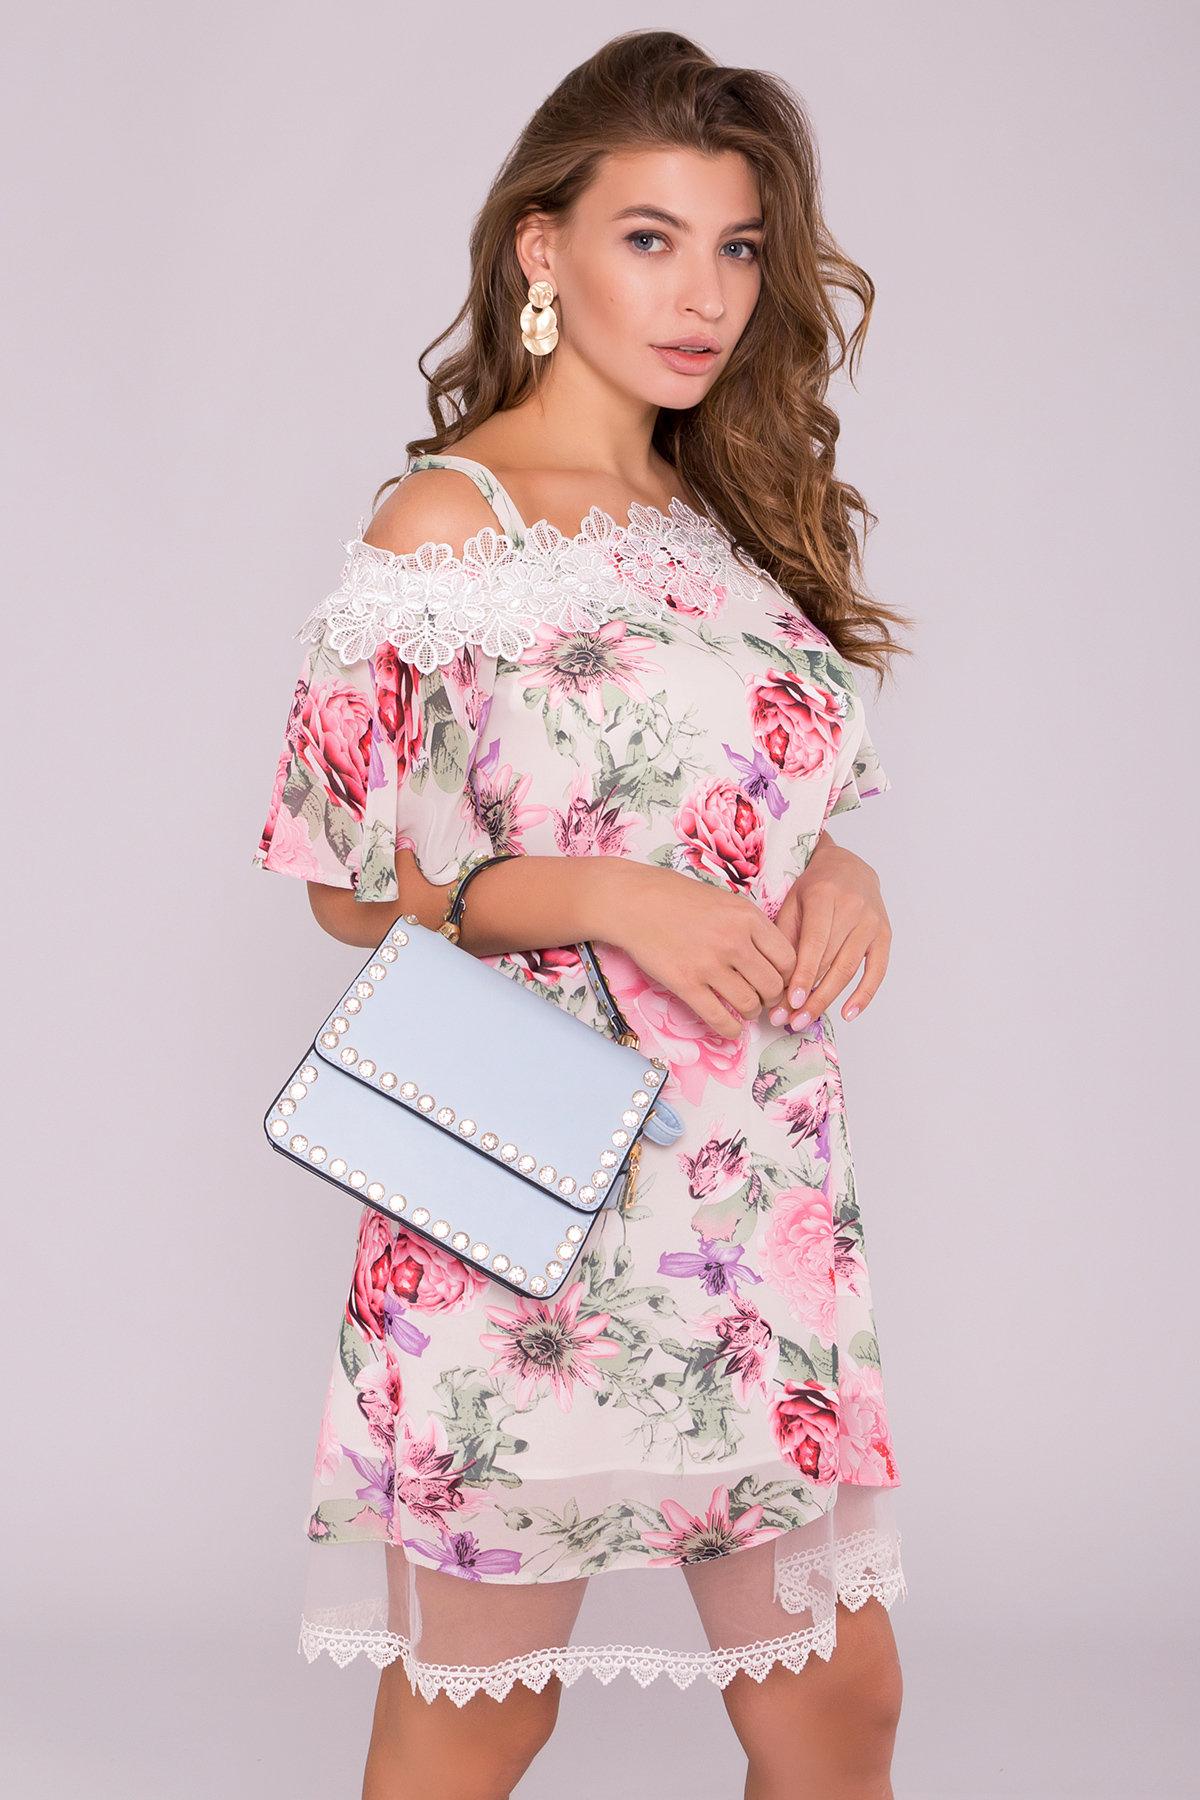 Платье Линда 6936 АРТ. 42297 Цвет: Цветы комби беж - фото 3, интернет магазин tm-modus.ru